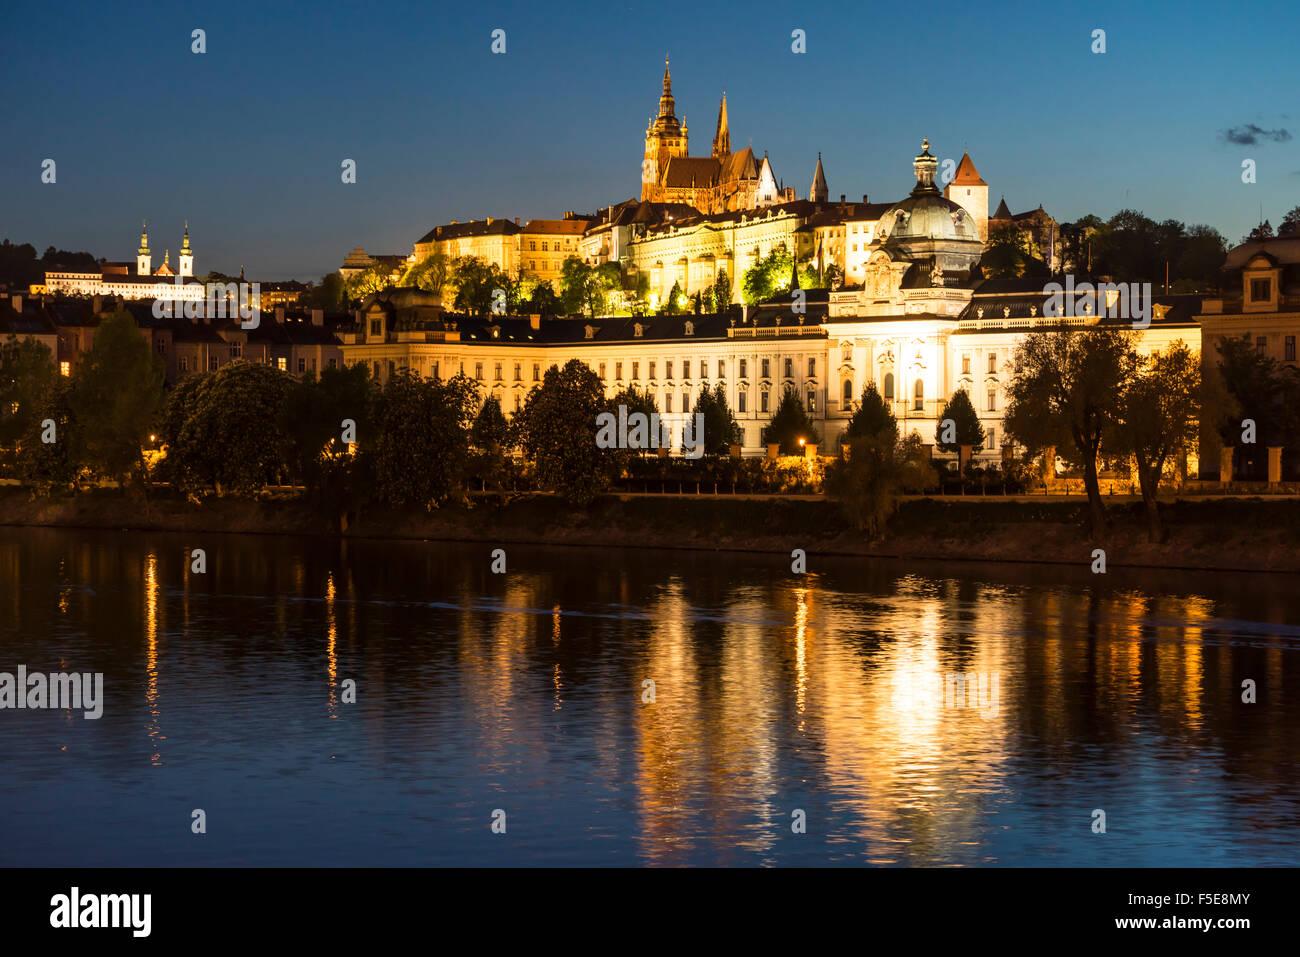 La Catedral de San Vito y el Castillo de Praga iluminado al anochecer, Sitio del Patrimonio Mundial de la UNESCO, Imagen De Stock